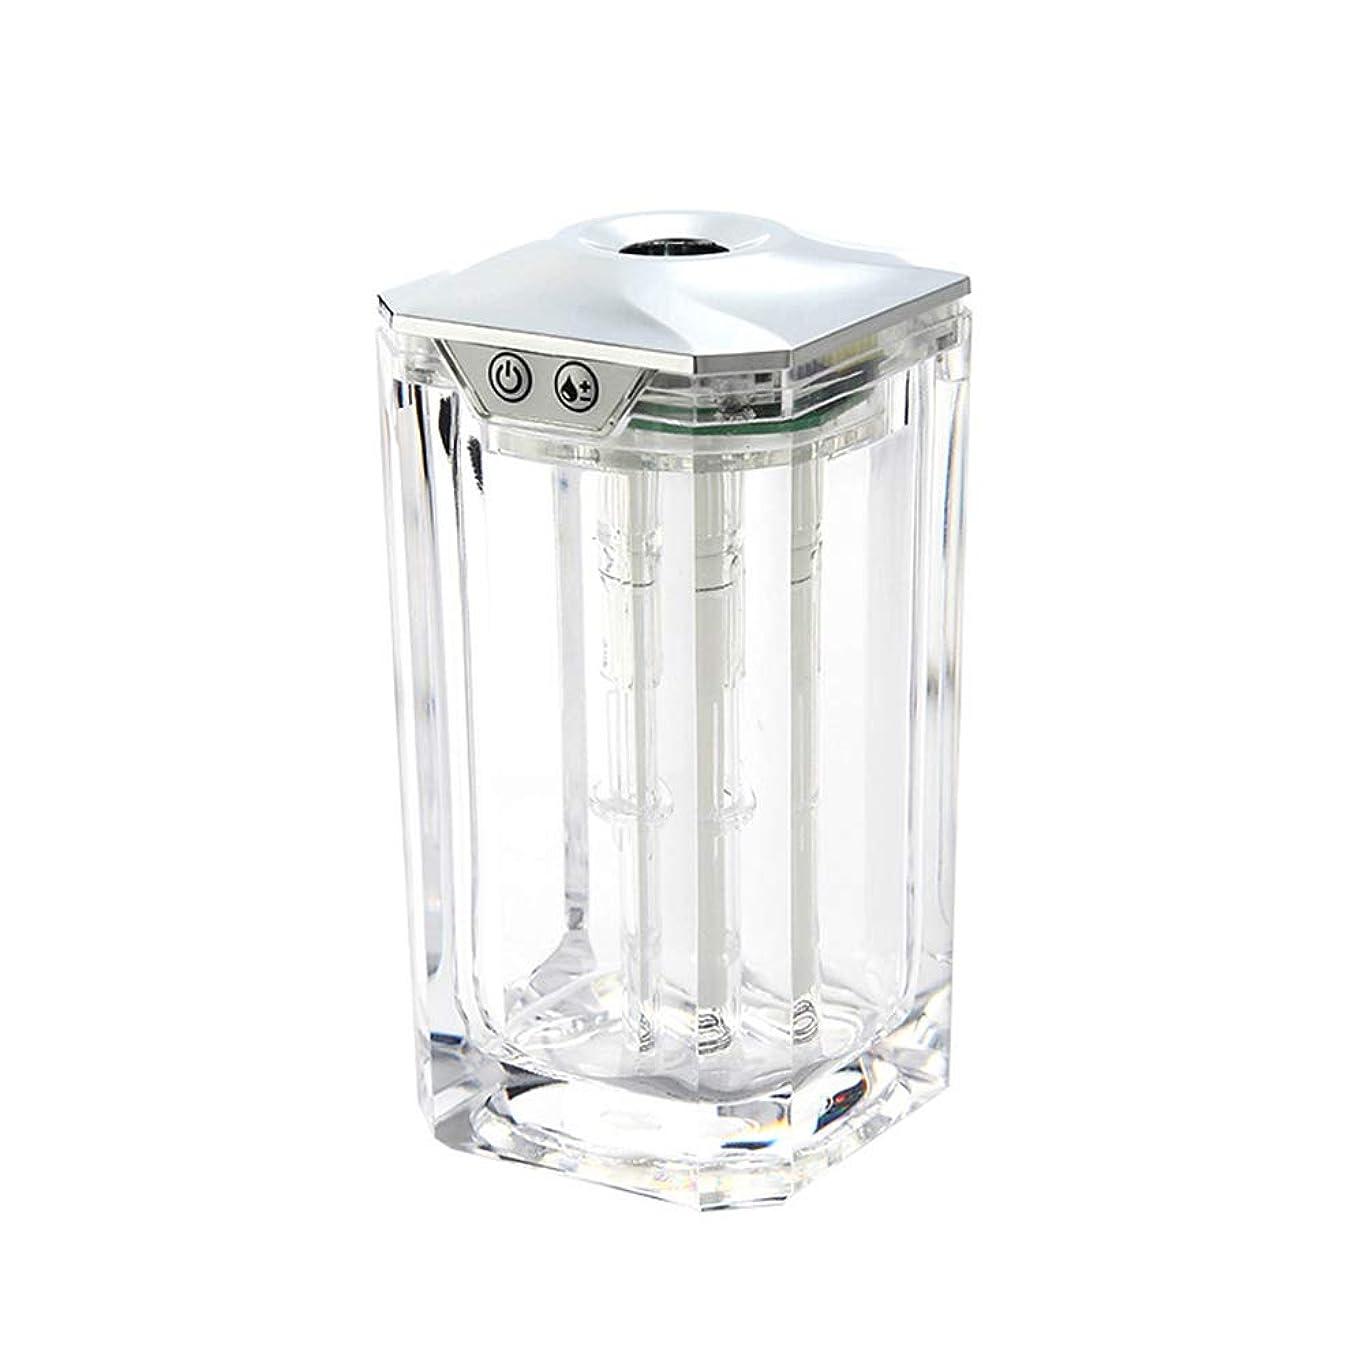 コントラストシエスタ滑りやすいミニ Usb アクリル 加湿器,涼しい霧 精油 ディフューザー 手動 加湿機 調整可能 エアコン アロマネブライザー 事務所の ベッド 車-透明 120ml